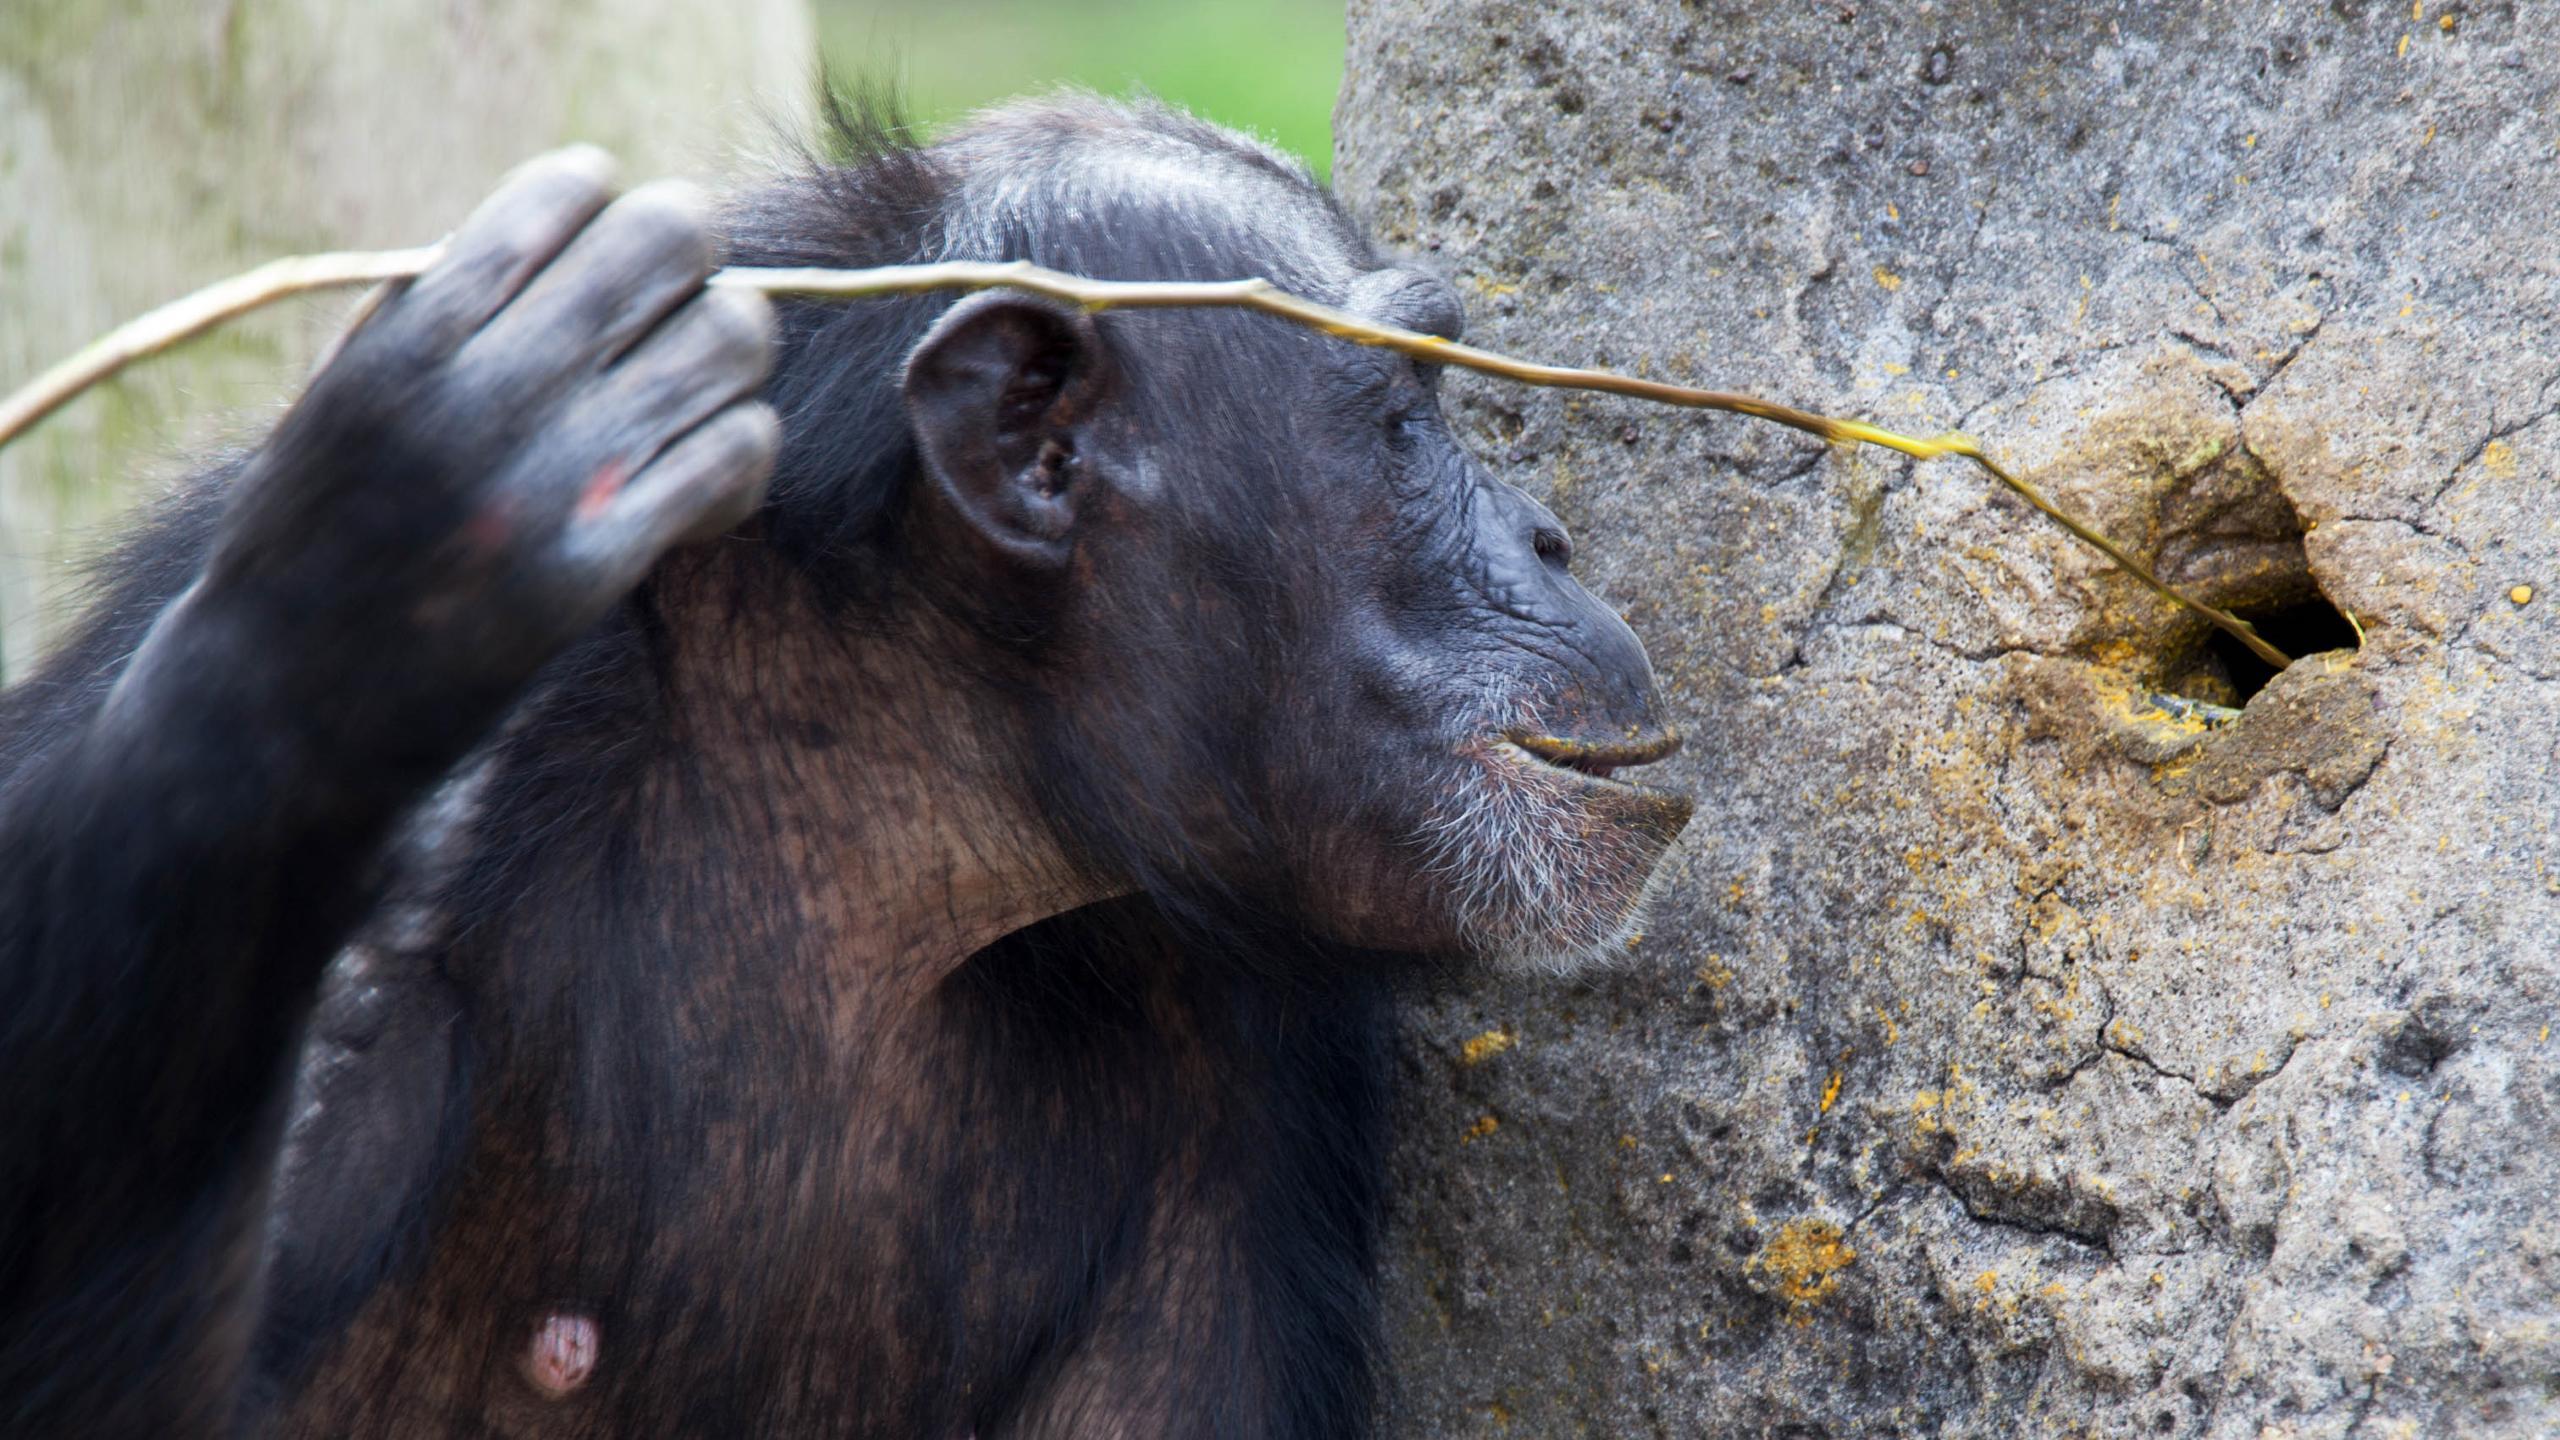 Ловля термитов показала широту культурного разнообразия шимпанзе